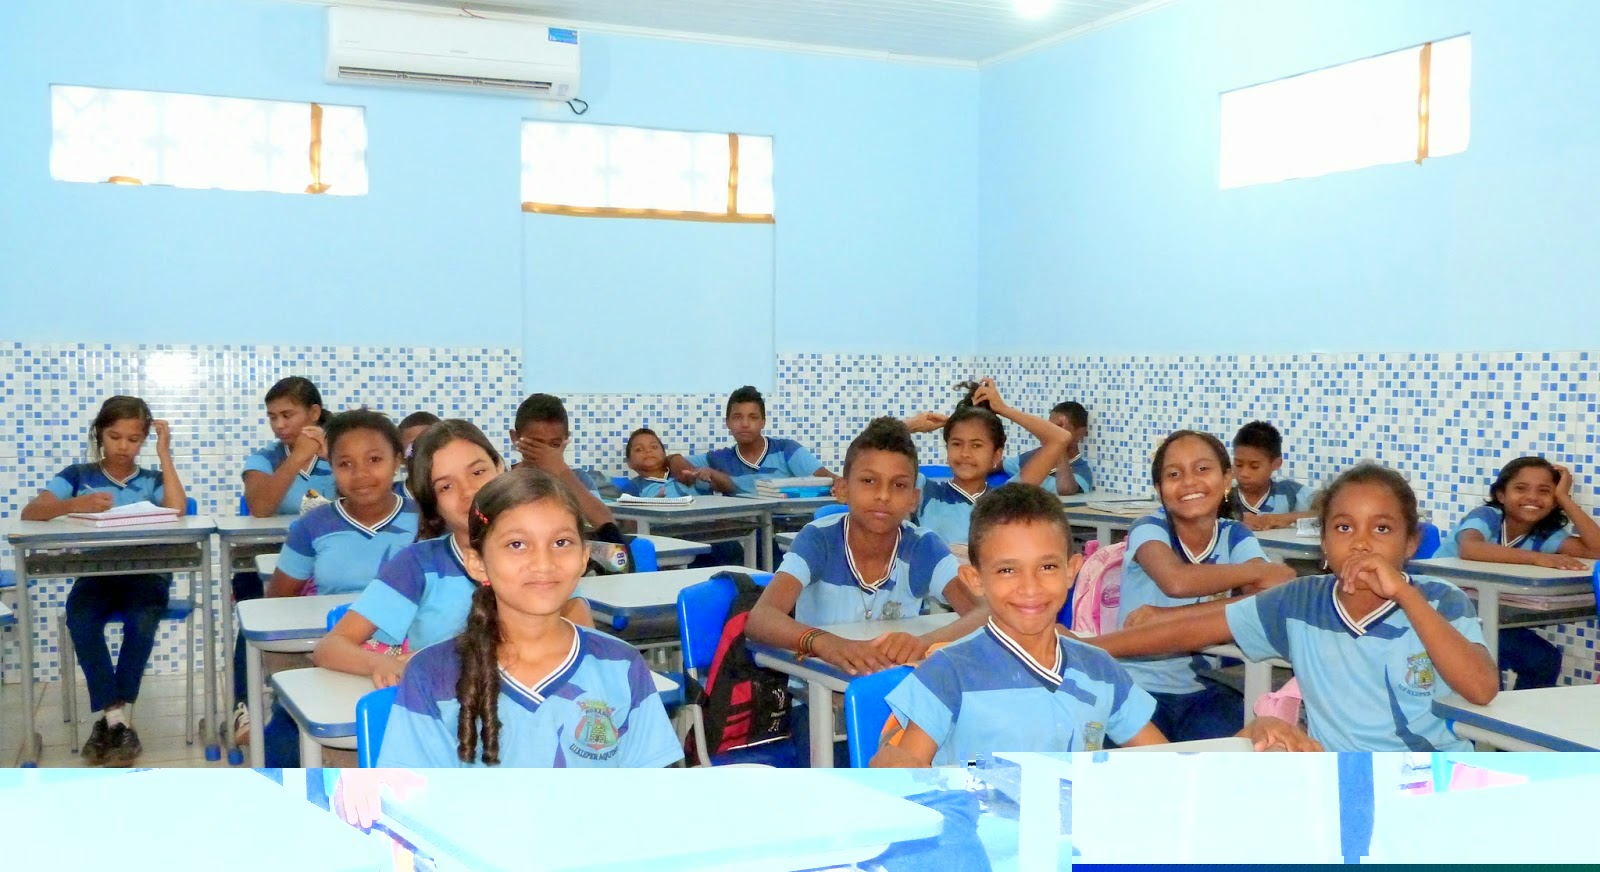 ar-condicionados nas escolas de Rosário